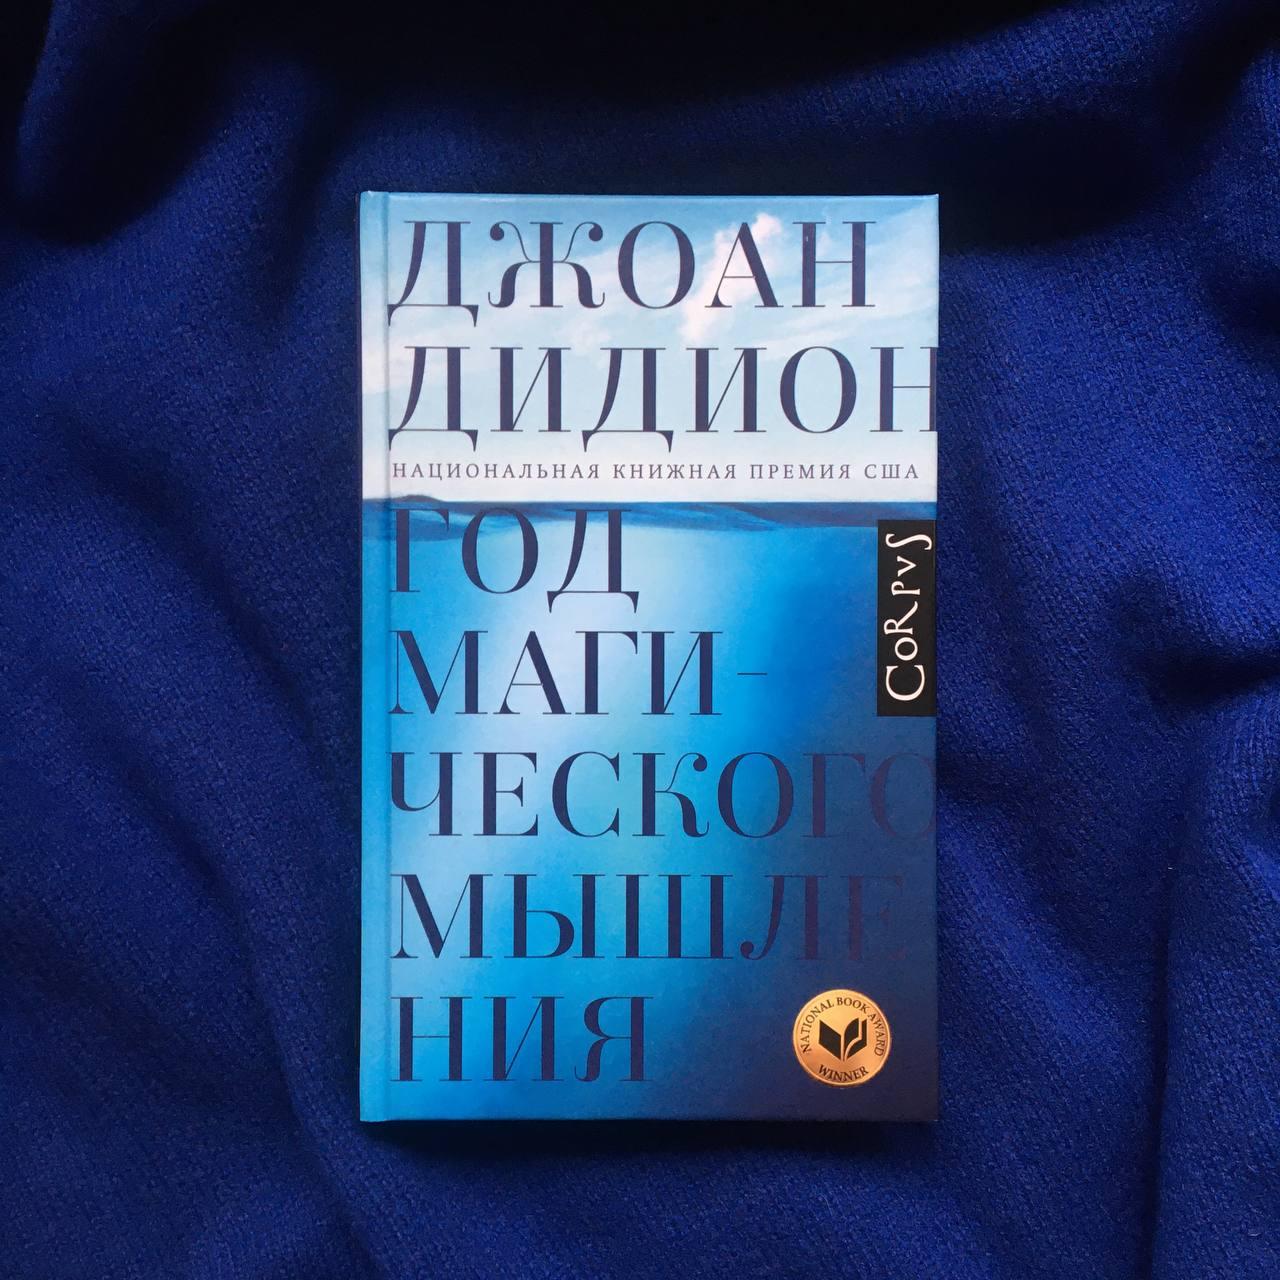 Джоан Дидион «Год магического мышления»   Писательница Джоан Дидион и ее муж...